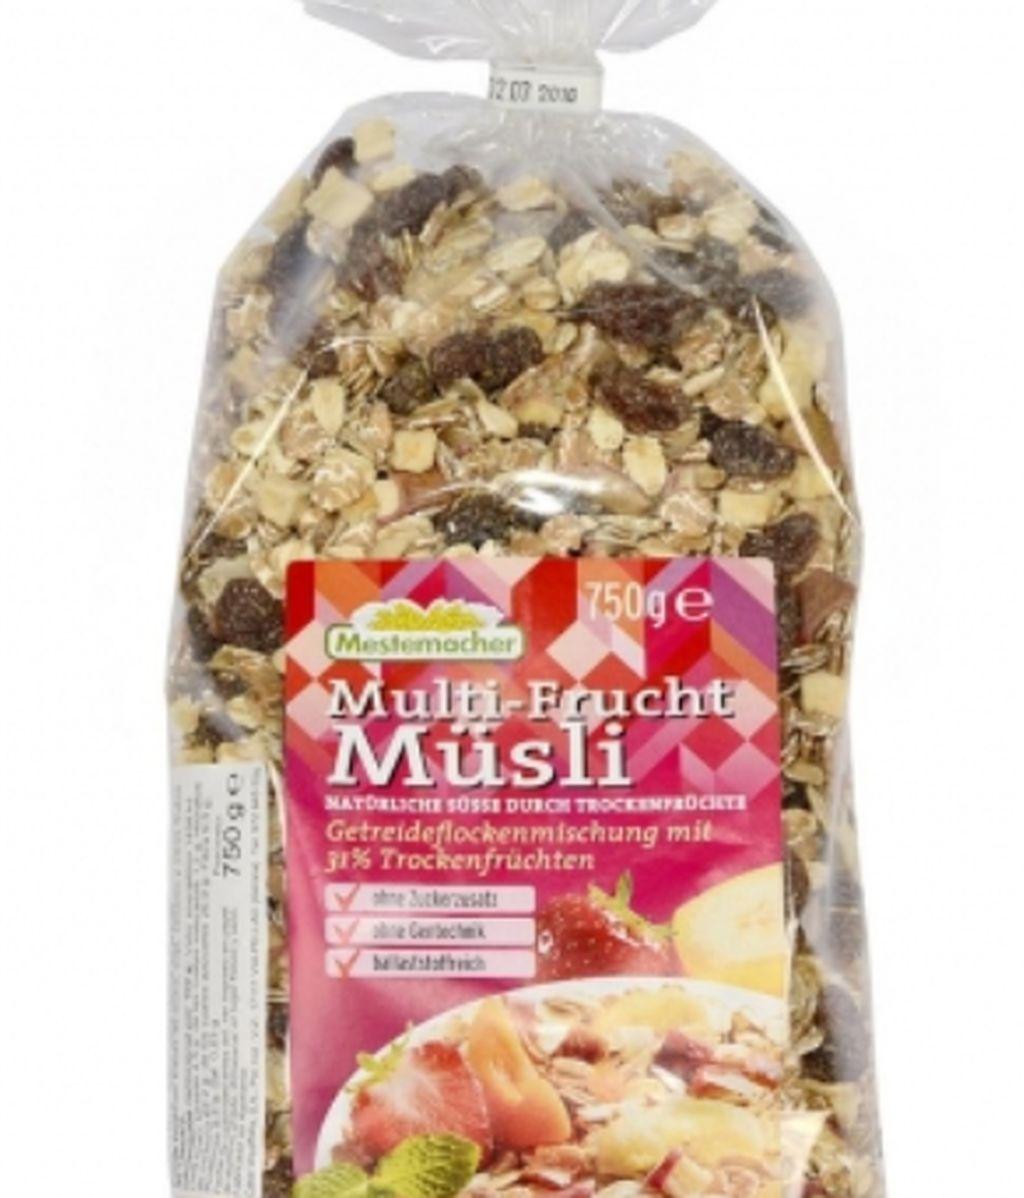 Alerta sanitaria sobre un muesil con frutas de la marca Mestemach